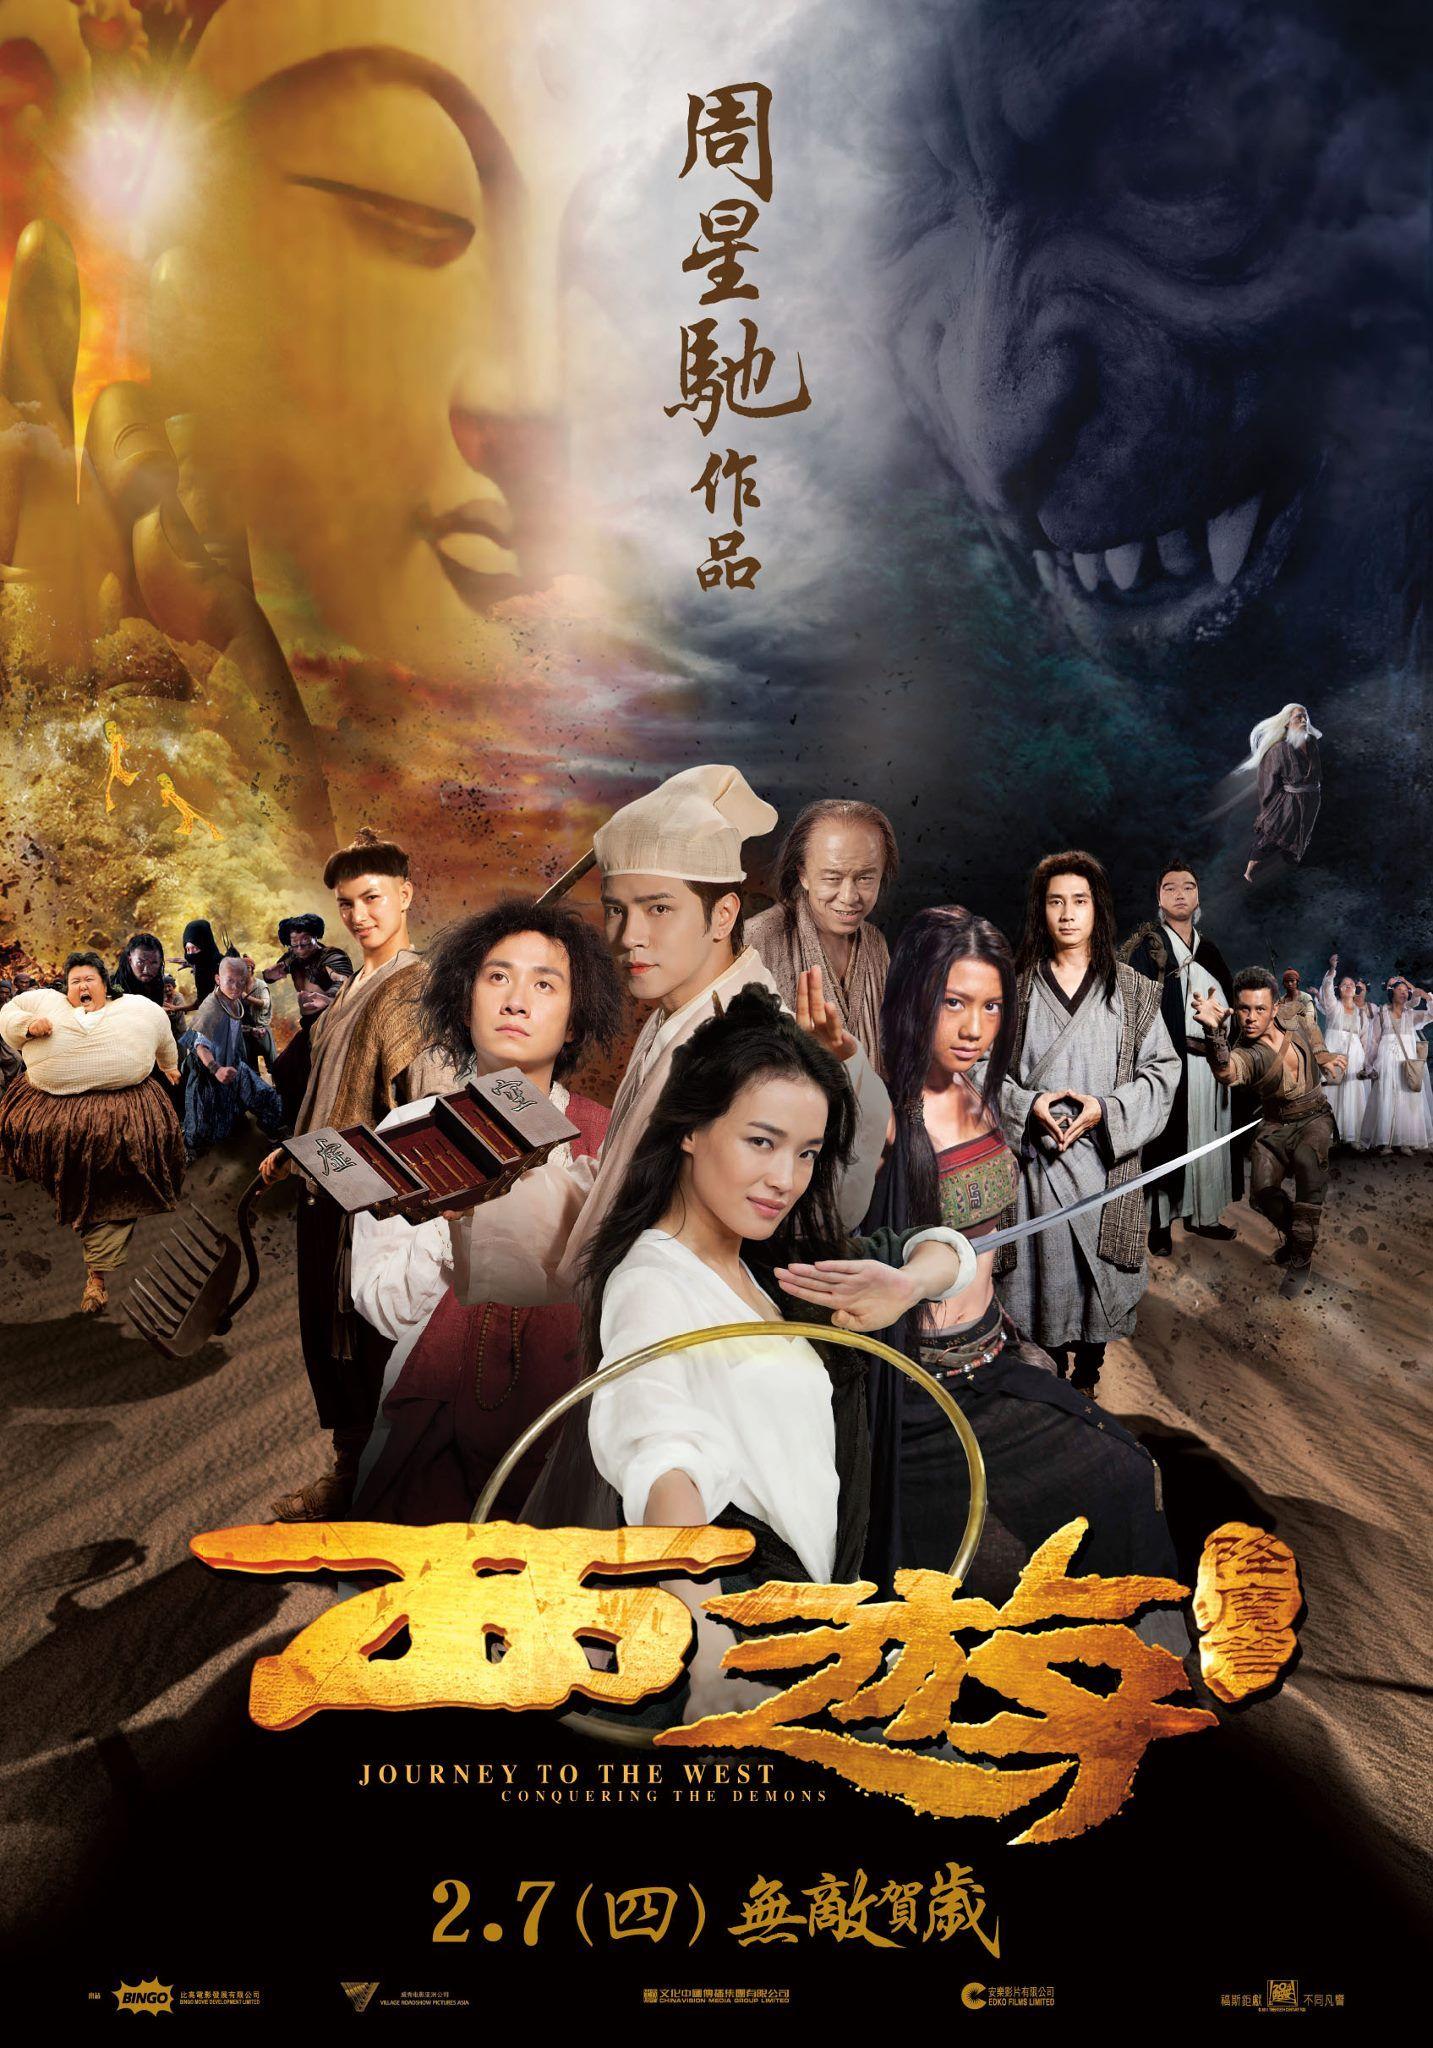 西遊·降魔篇 Journey, Stephen chow, Trailers